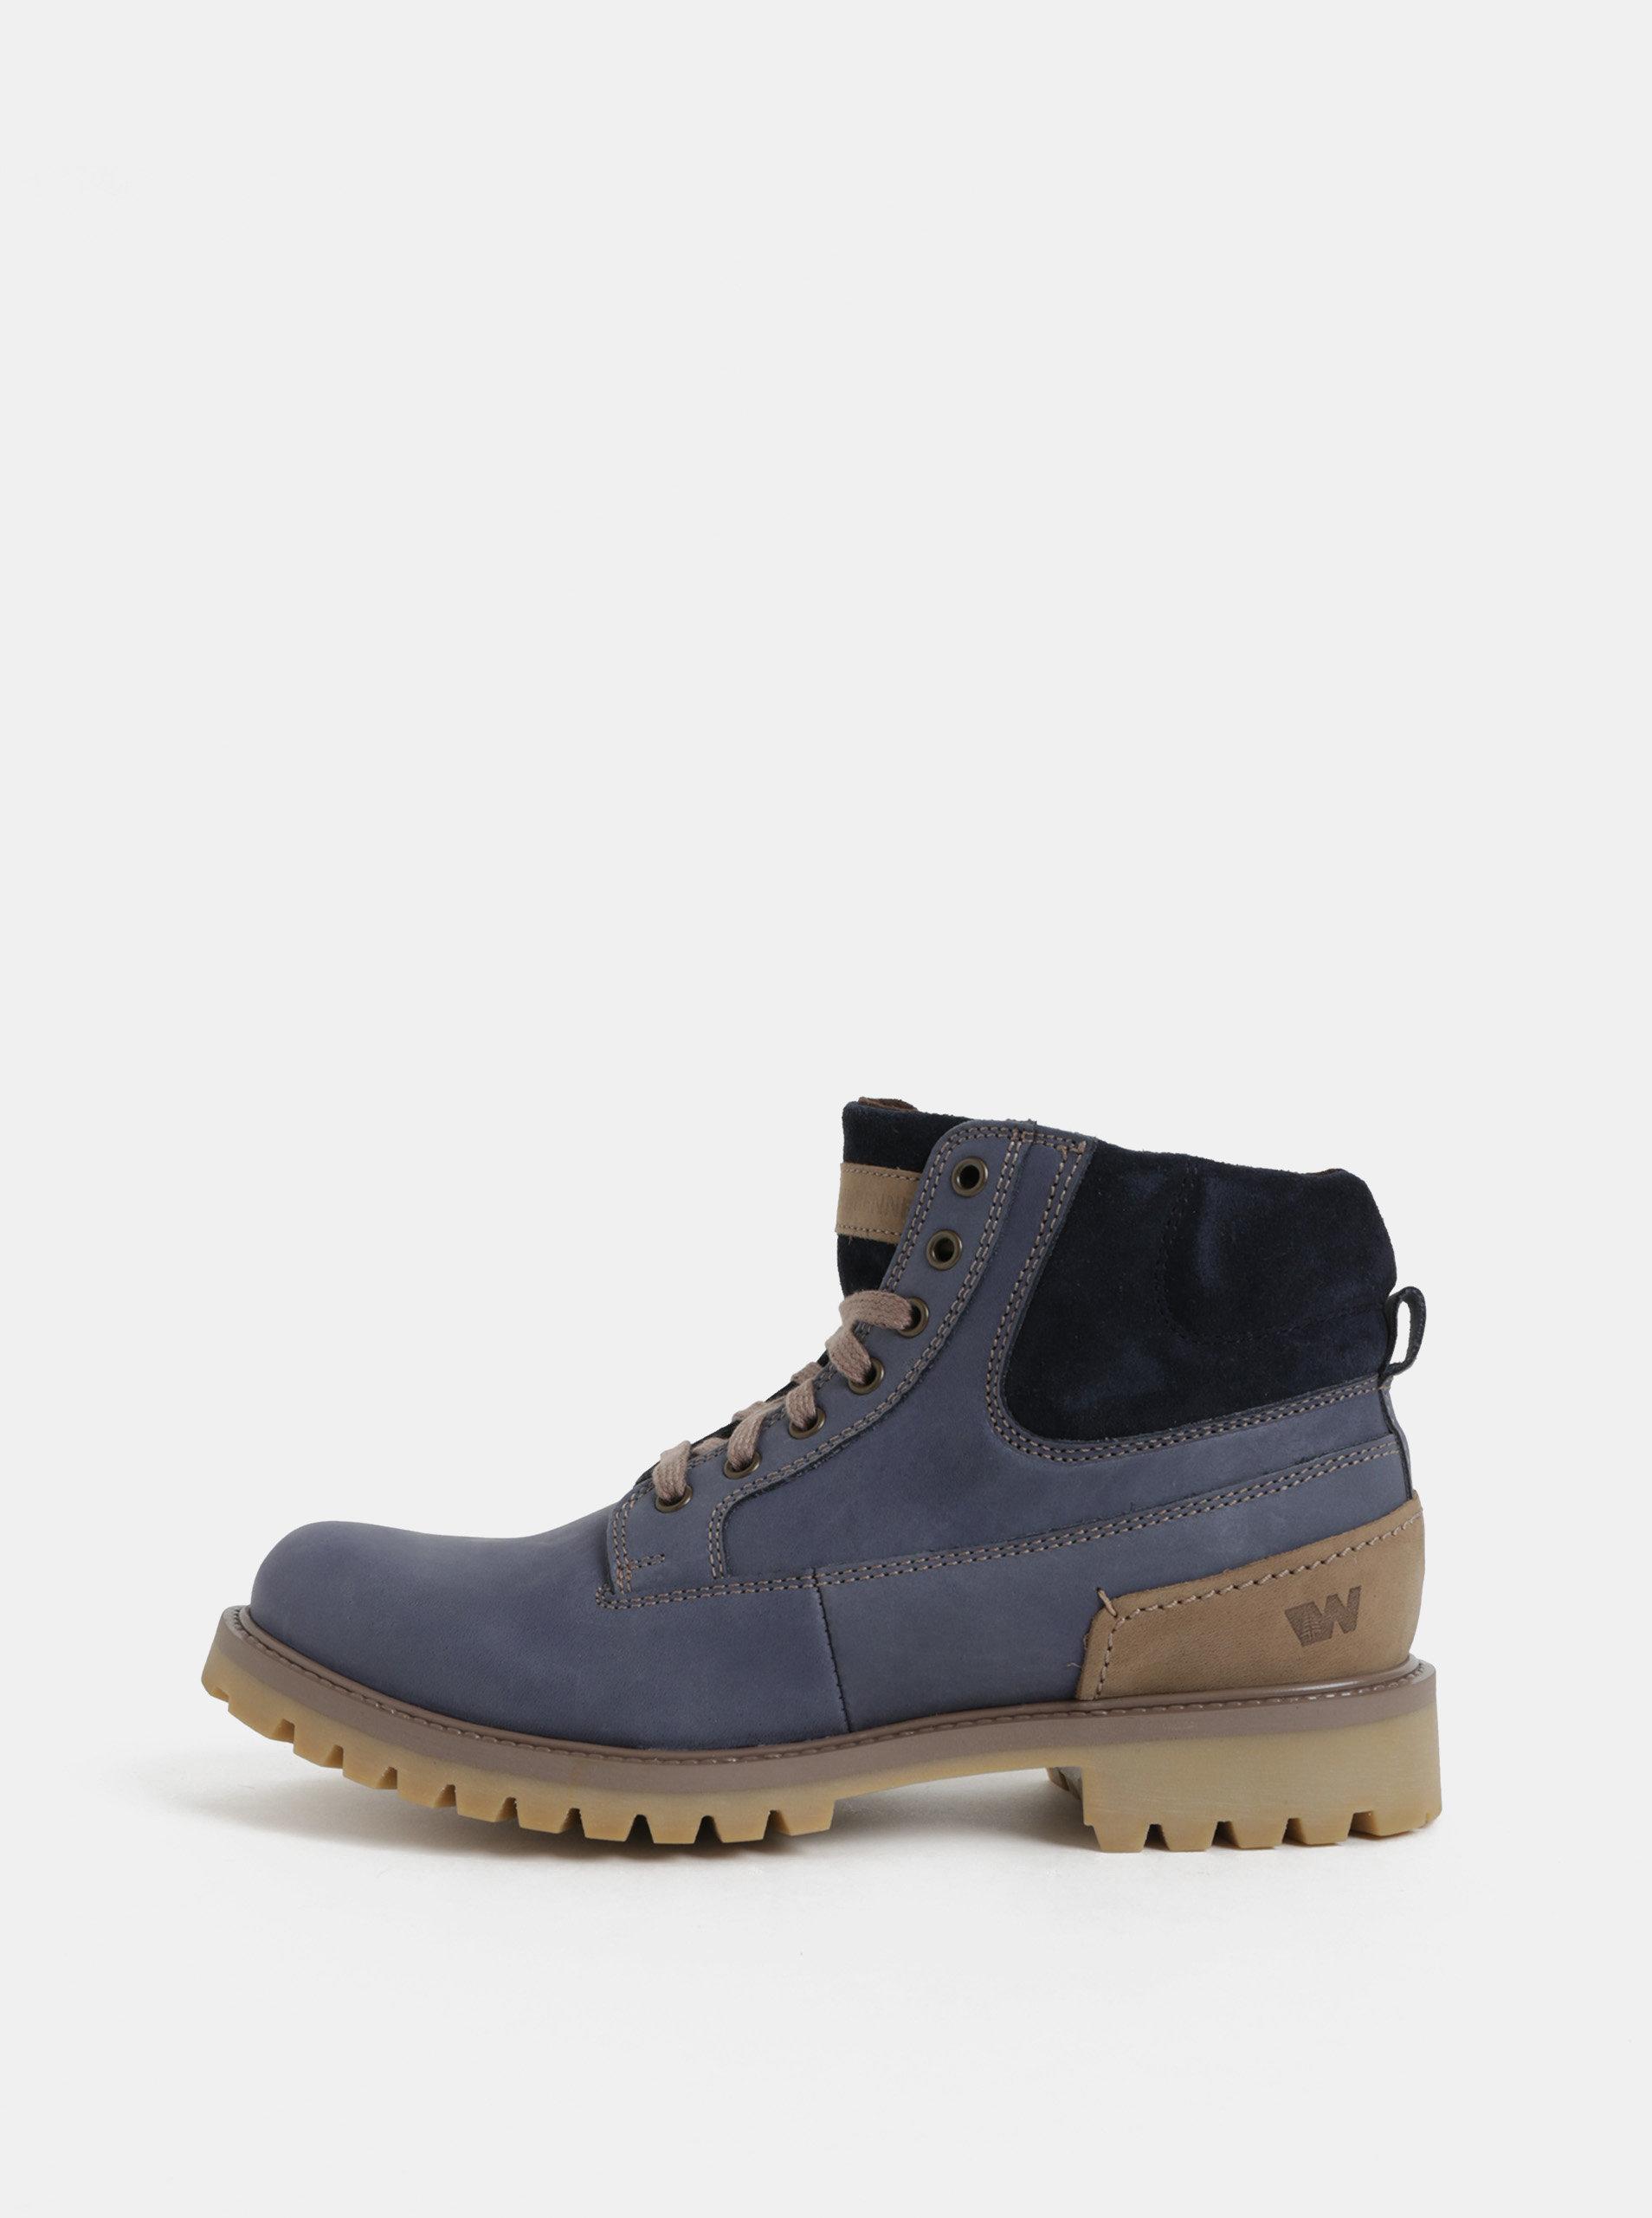 Modré pánske kožené členkové zimné topánky so semišovými detailmi  Weinbrenner ... ff6f64d0ca0